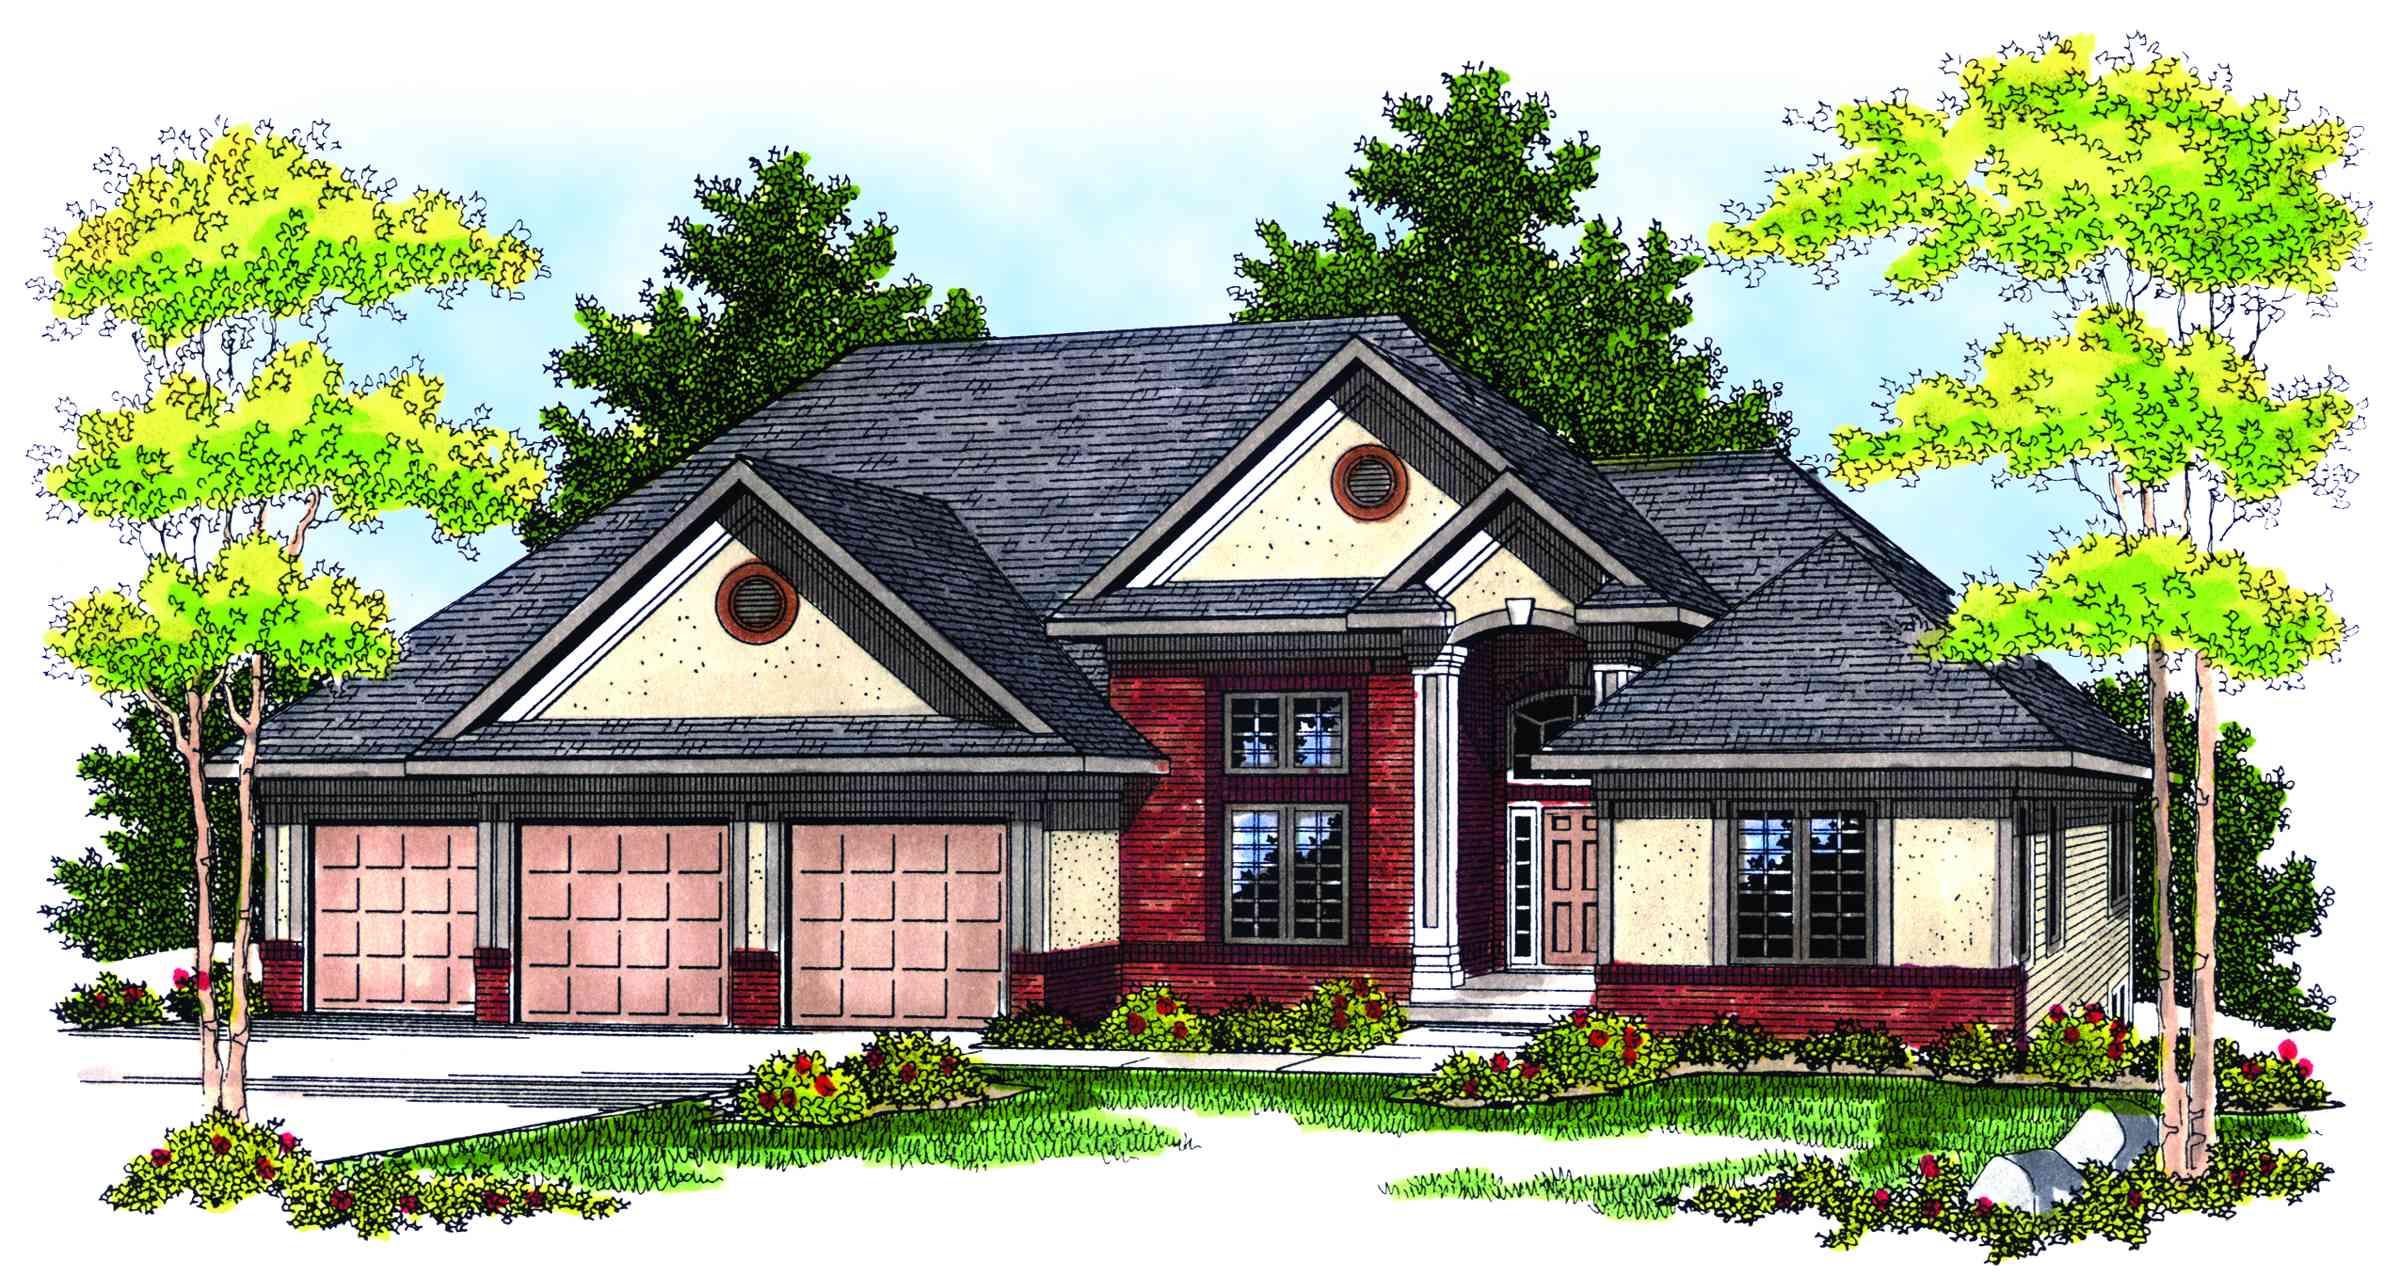 Unique ceiling designs 89107ah architectural designs for Architectural designs com